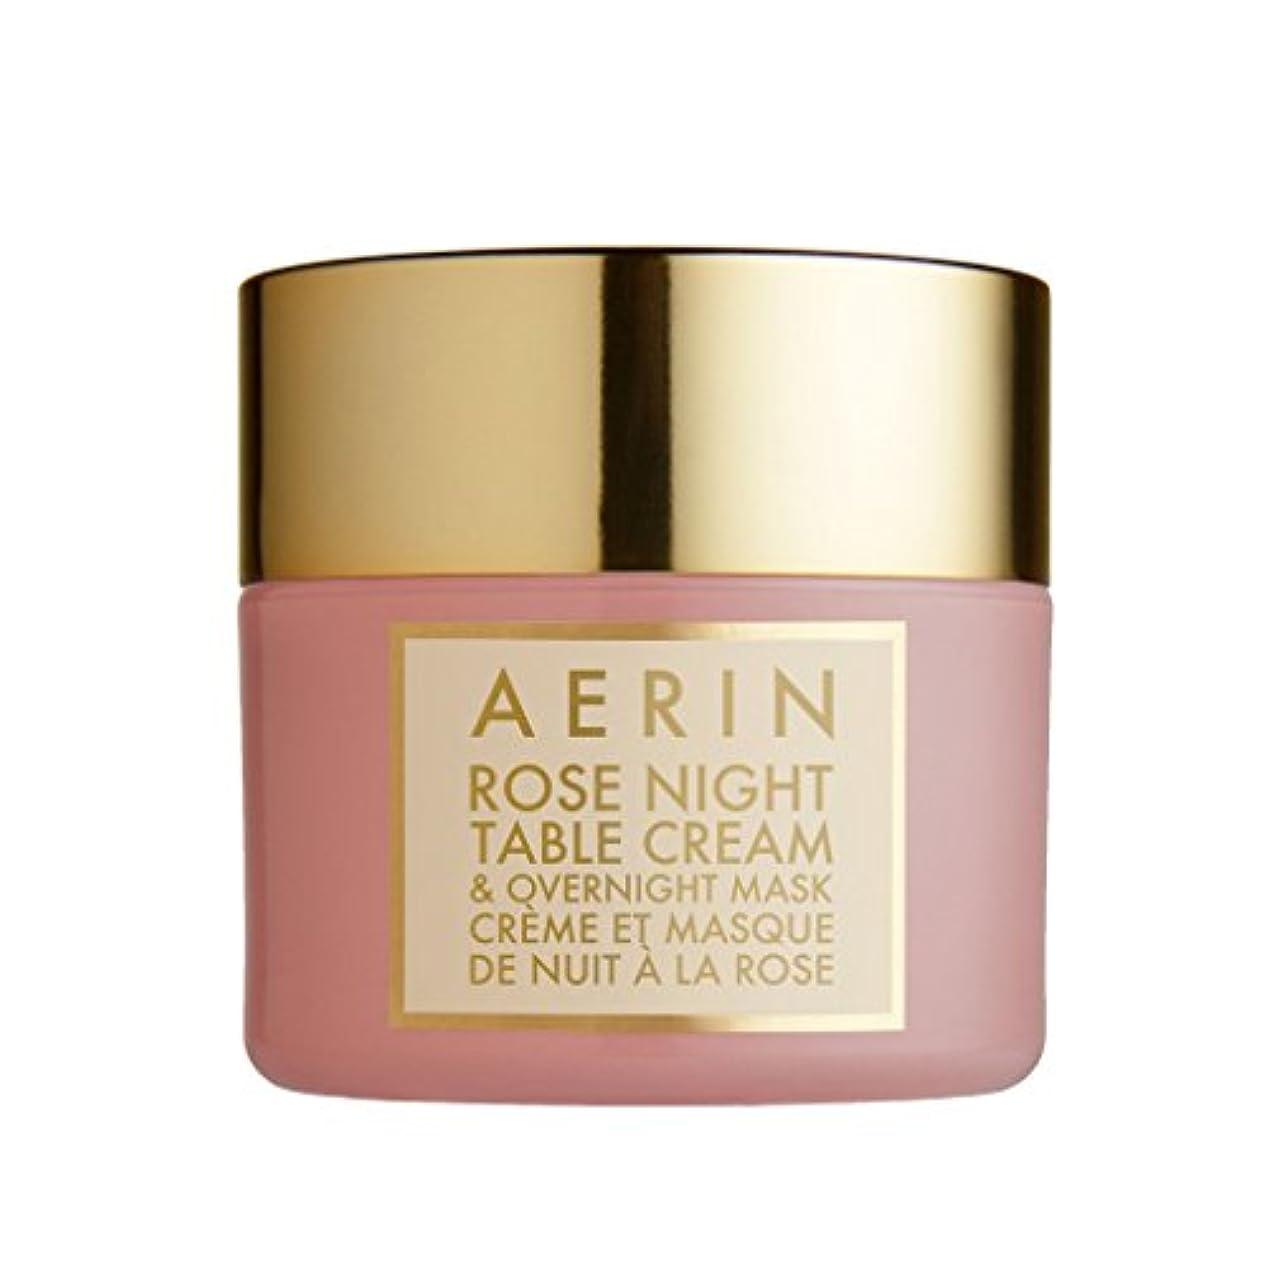 分析的名前把握AERIN Rose Night Table Cream & Overnight Mask (アエリン ローズ ナイト テーブル クリーム & オーバーナイト マスク) 1.7 oz (50ml) by Estee Lauder...